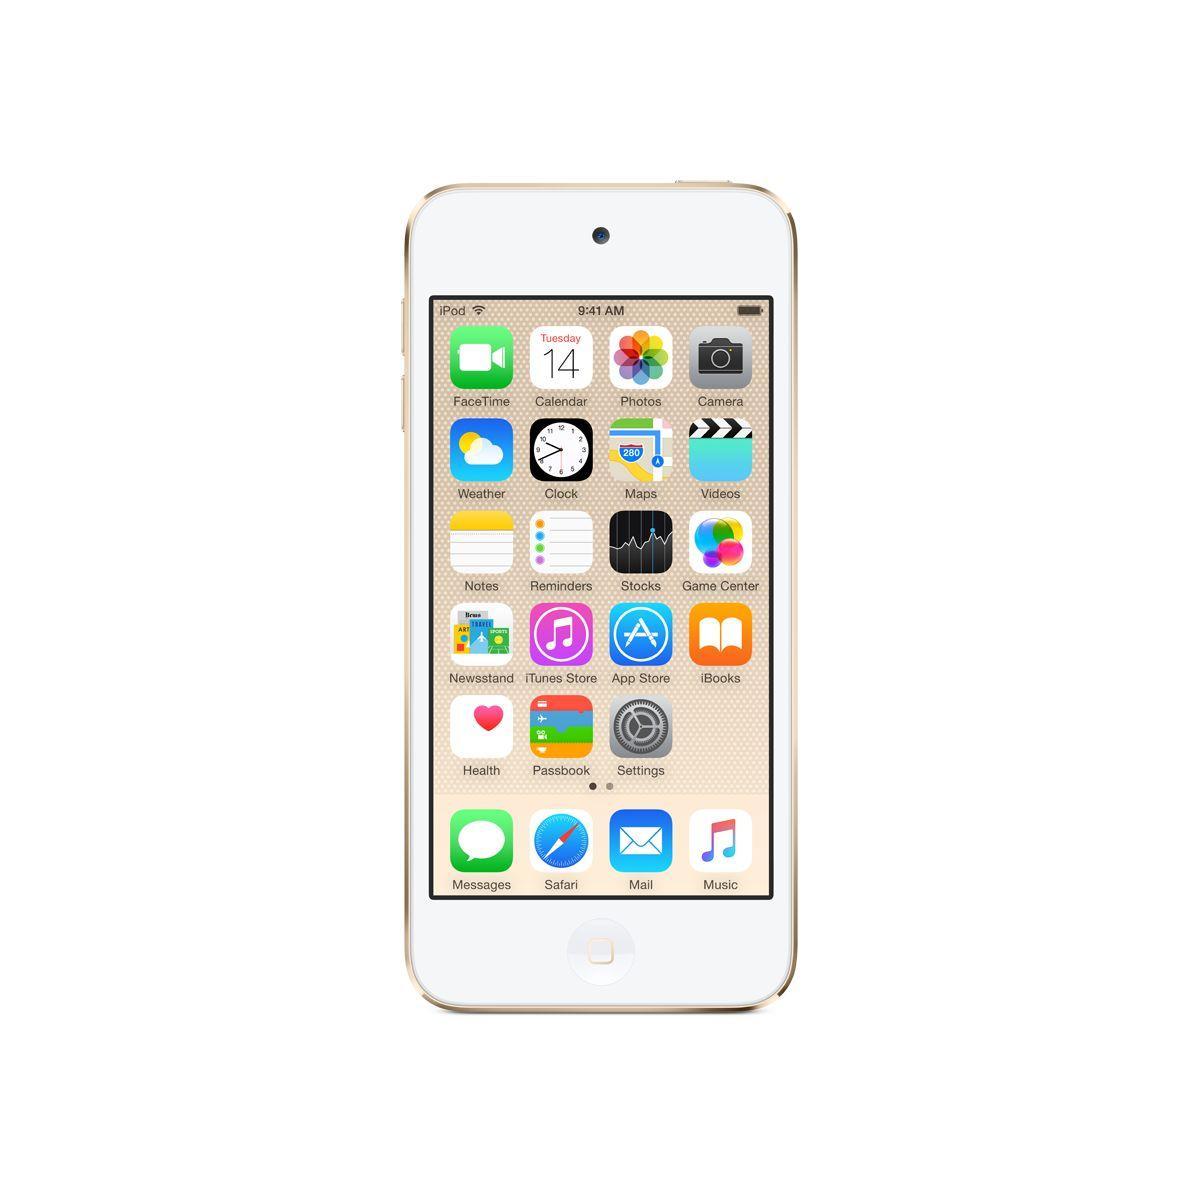 Lecteur mp4 apple ipod touch 128gb or - livraison offerte : code livdom (photo)